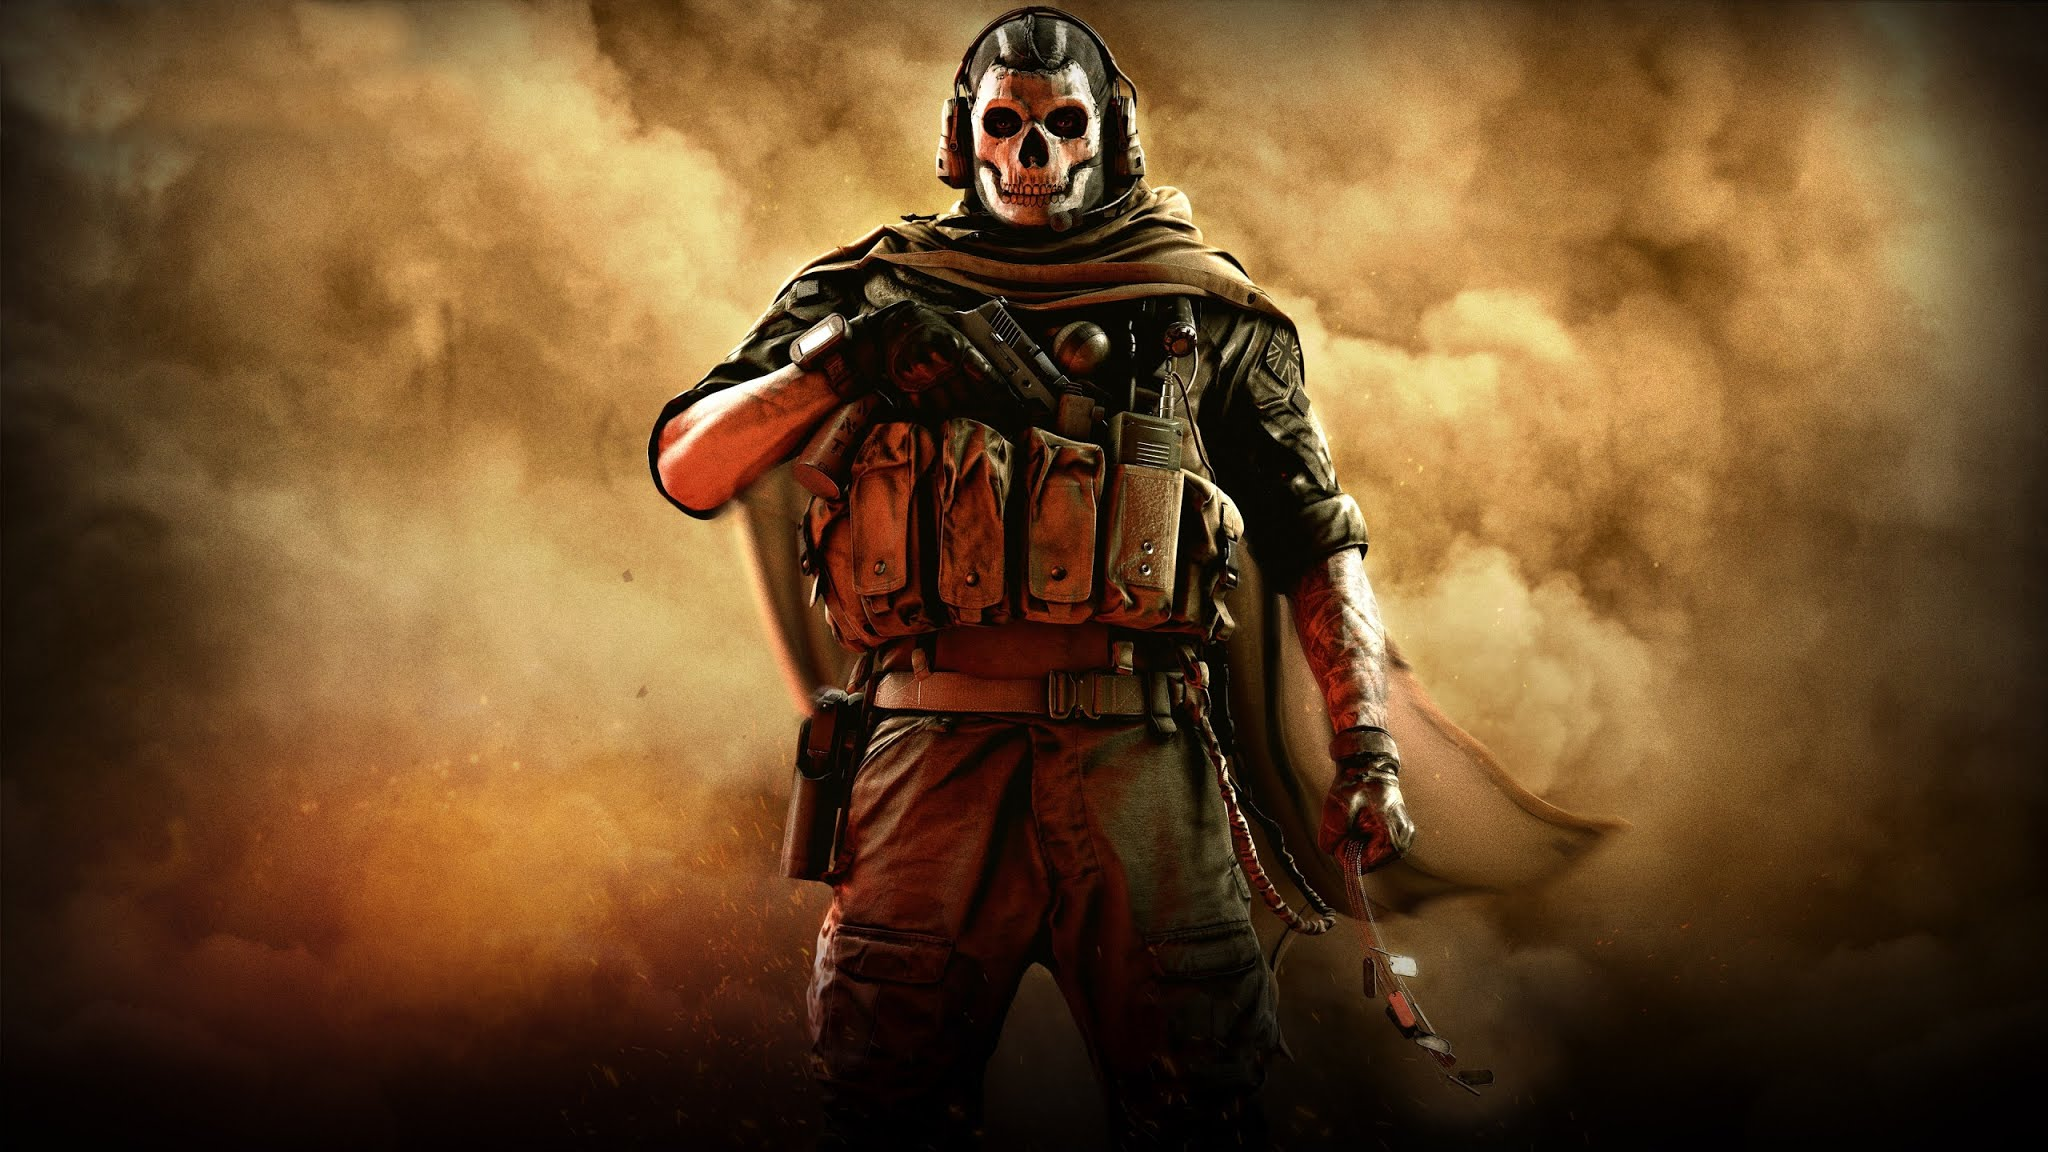 2020 Call Of Duty Modern Warfare